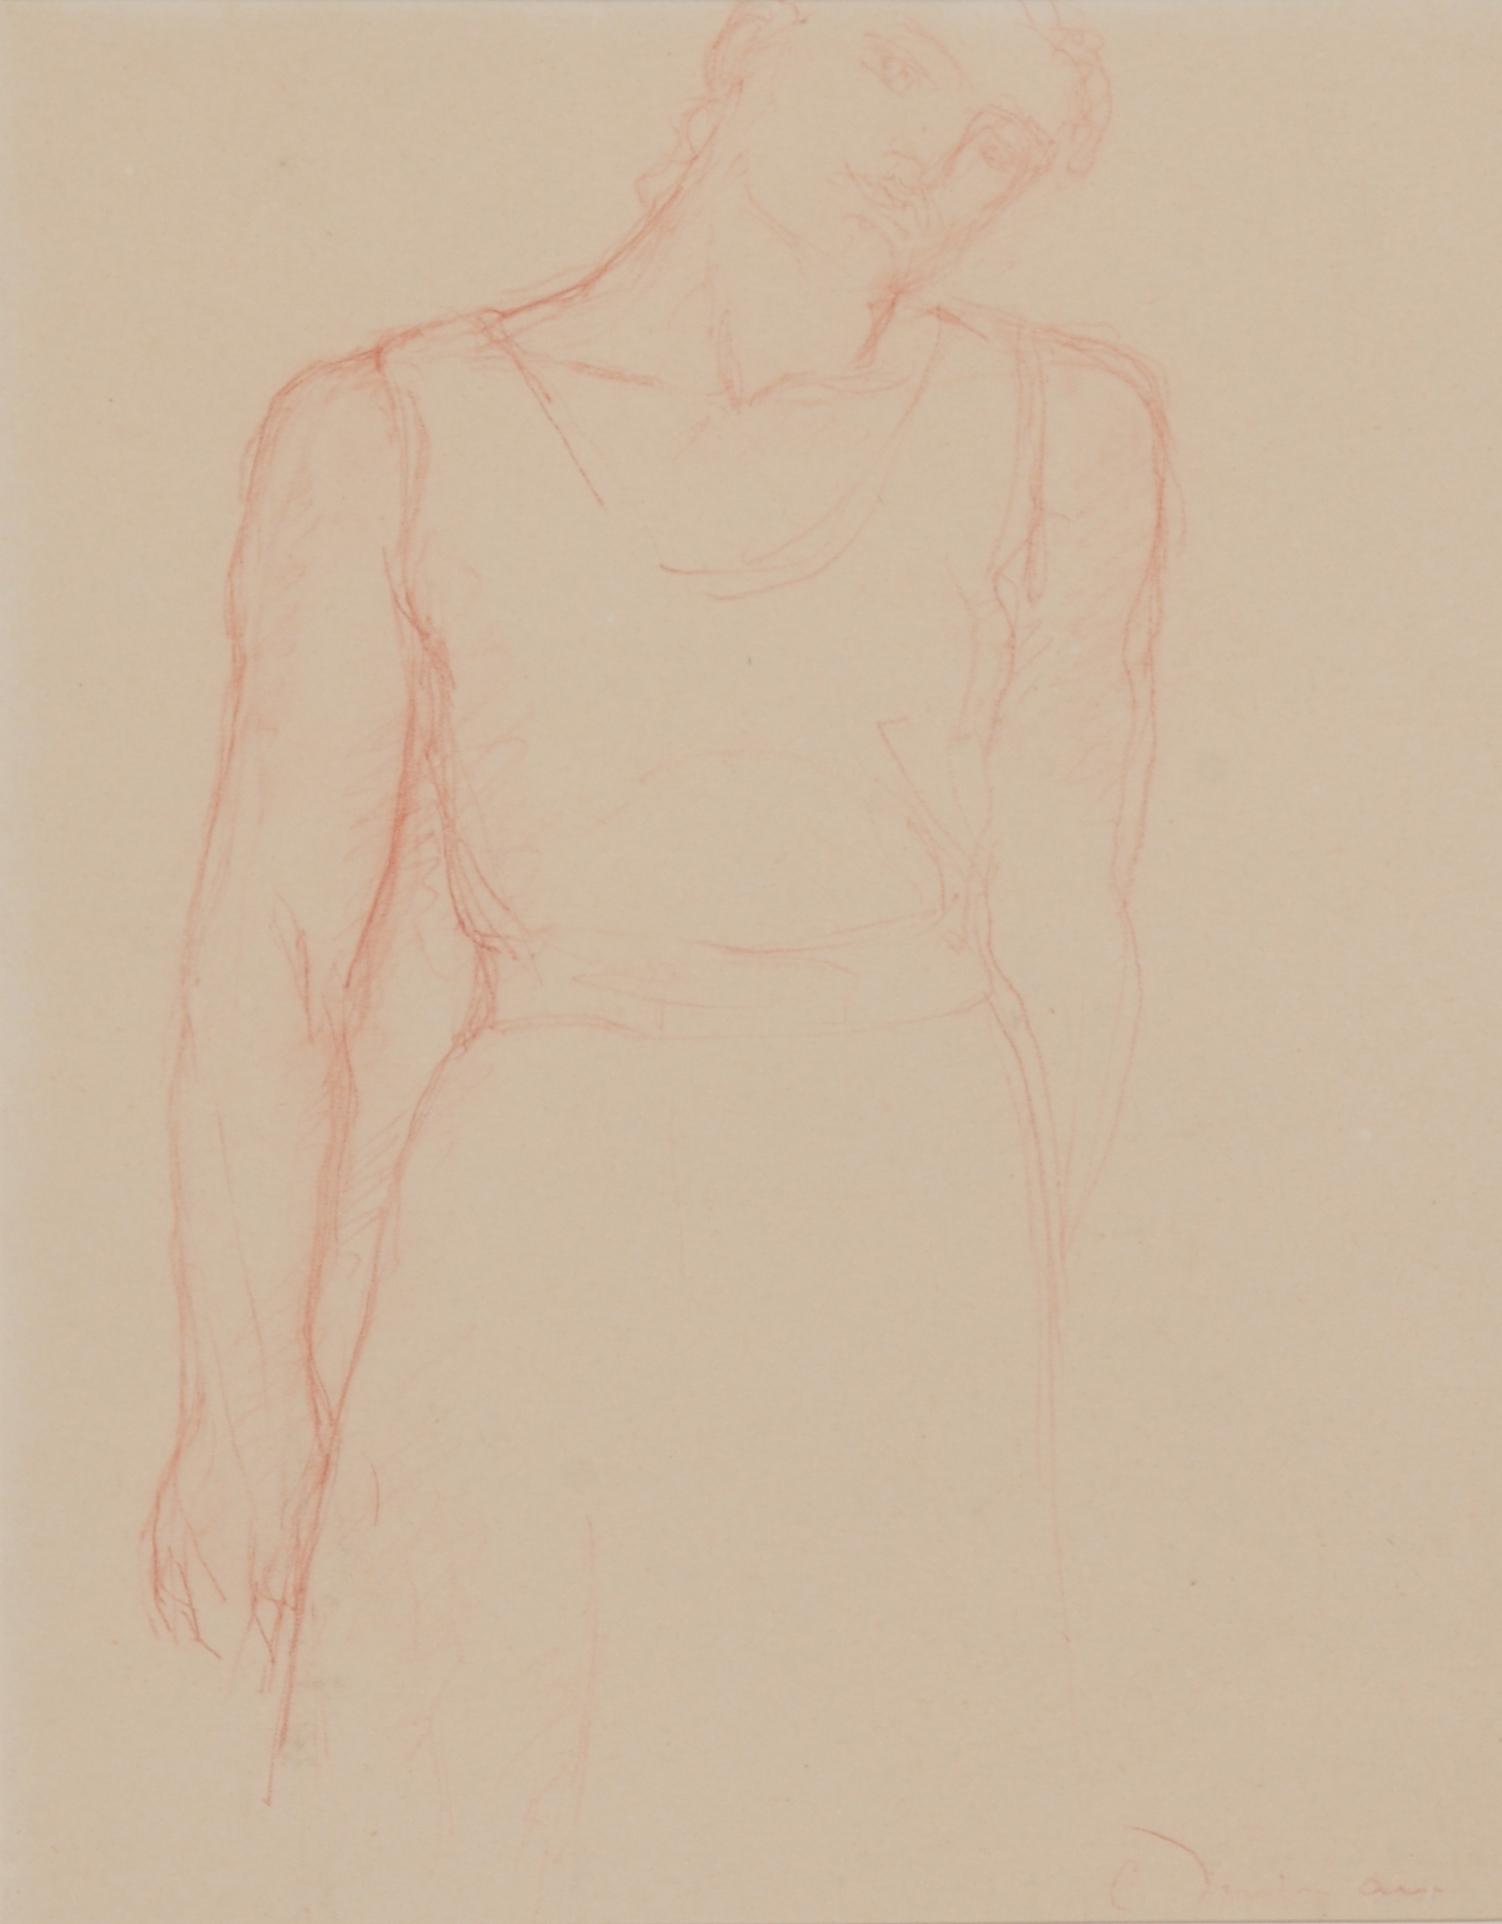 Despiau Charles, 2 Zeichnungen: Femme allongée; Femme debout